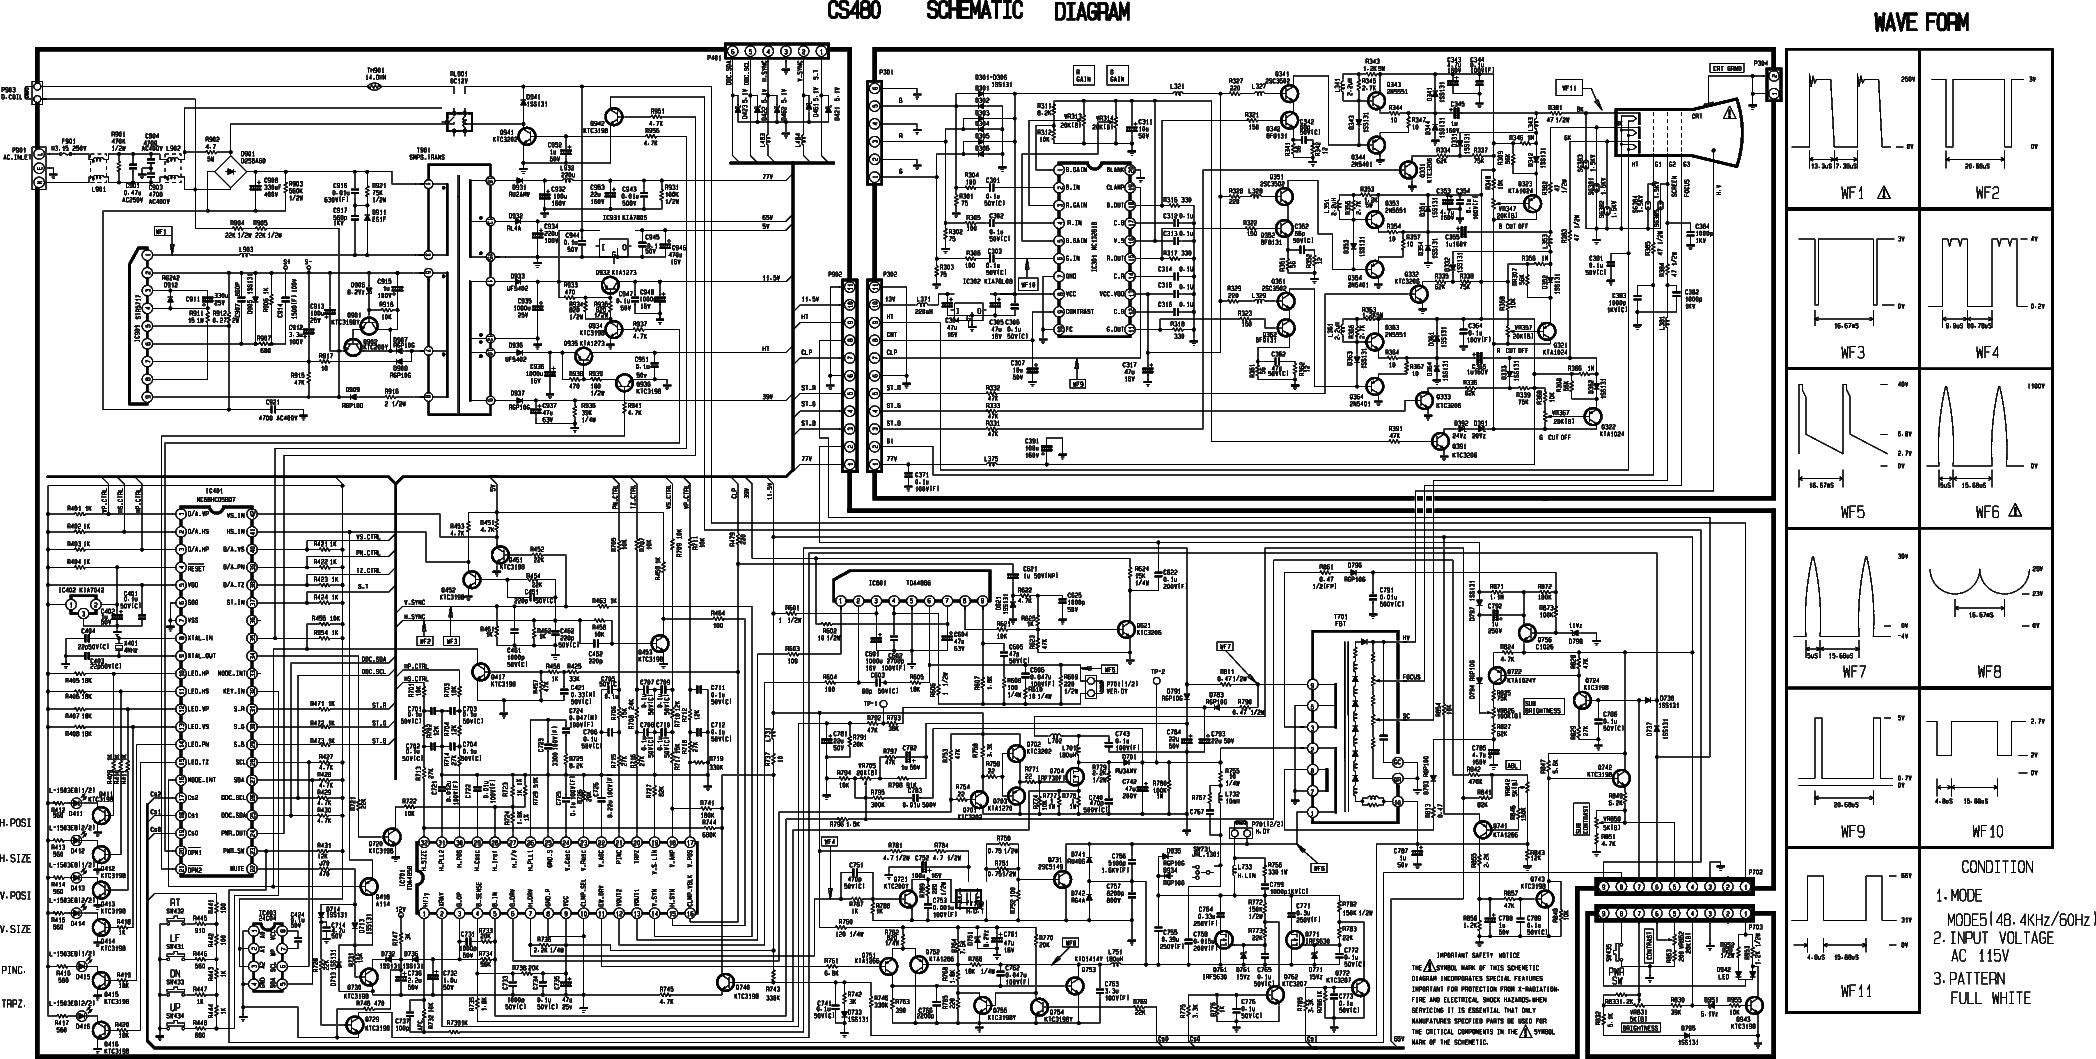 Lg flatron e2350v схема